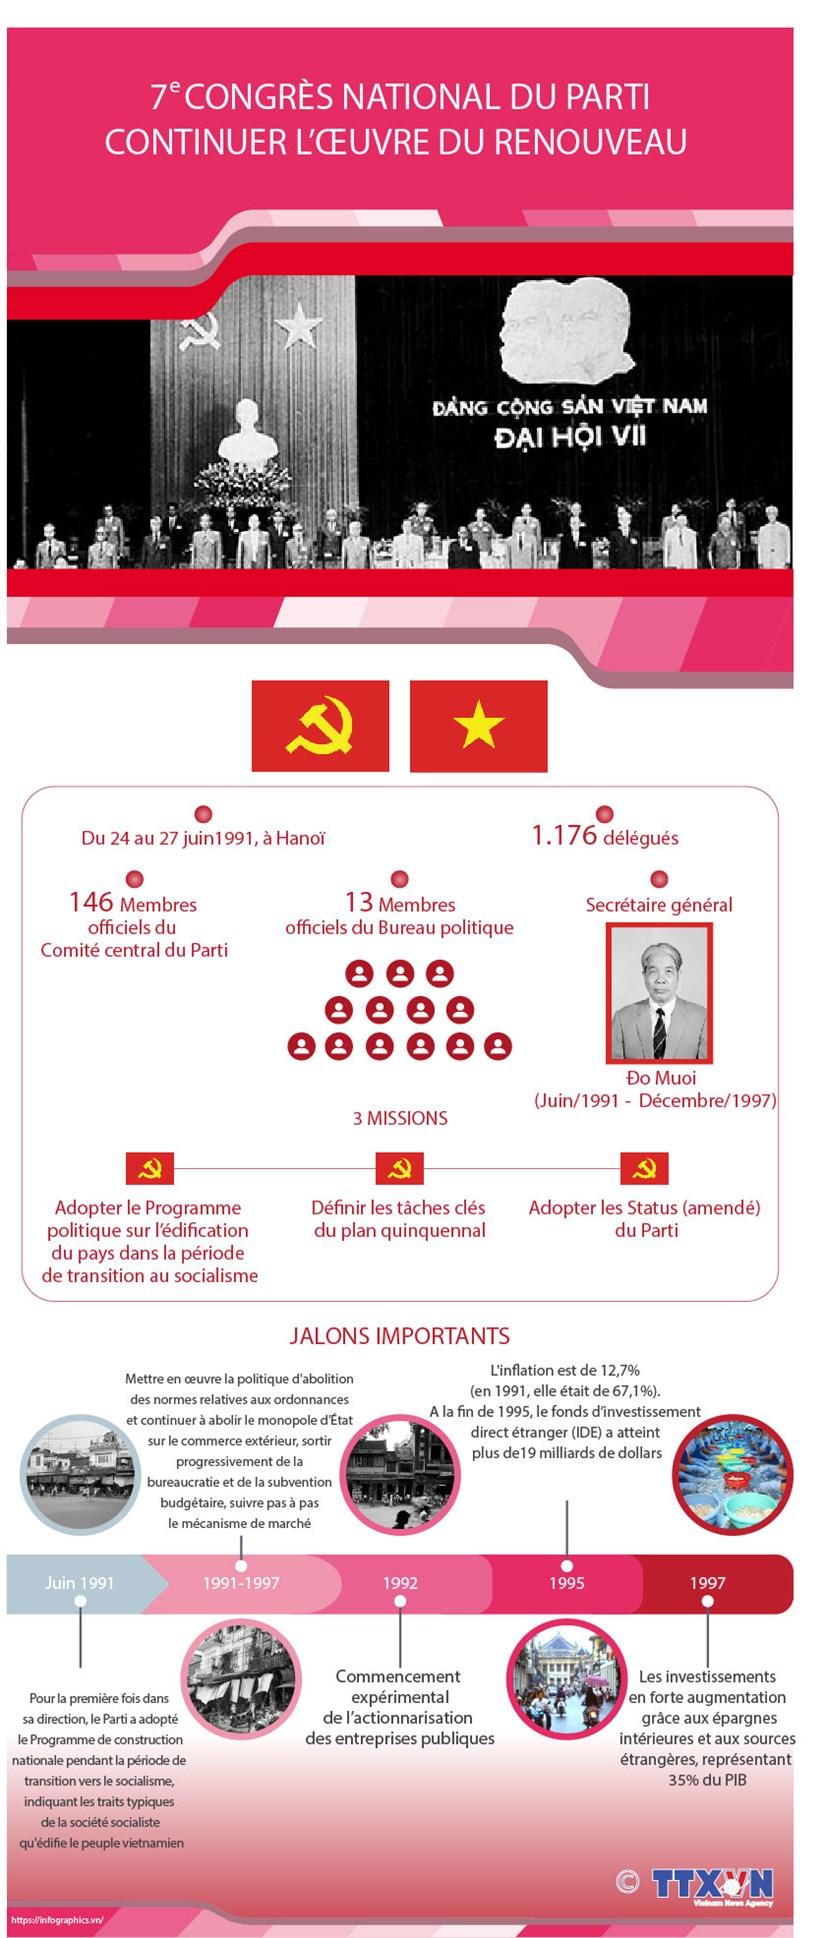 7e congres national du Parti - continuer l'oeuvre du Renouveau hinh anh 1